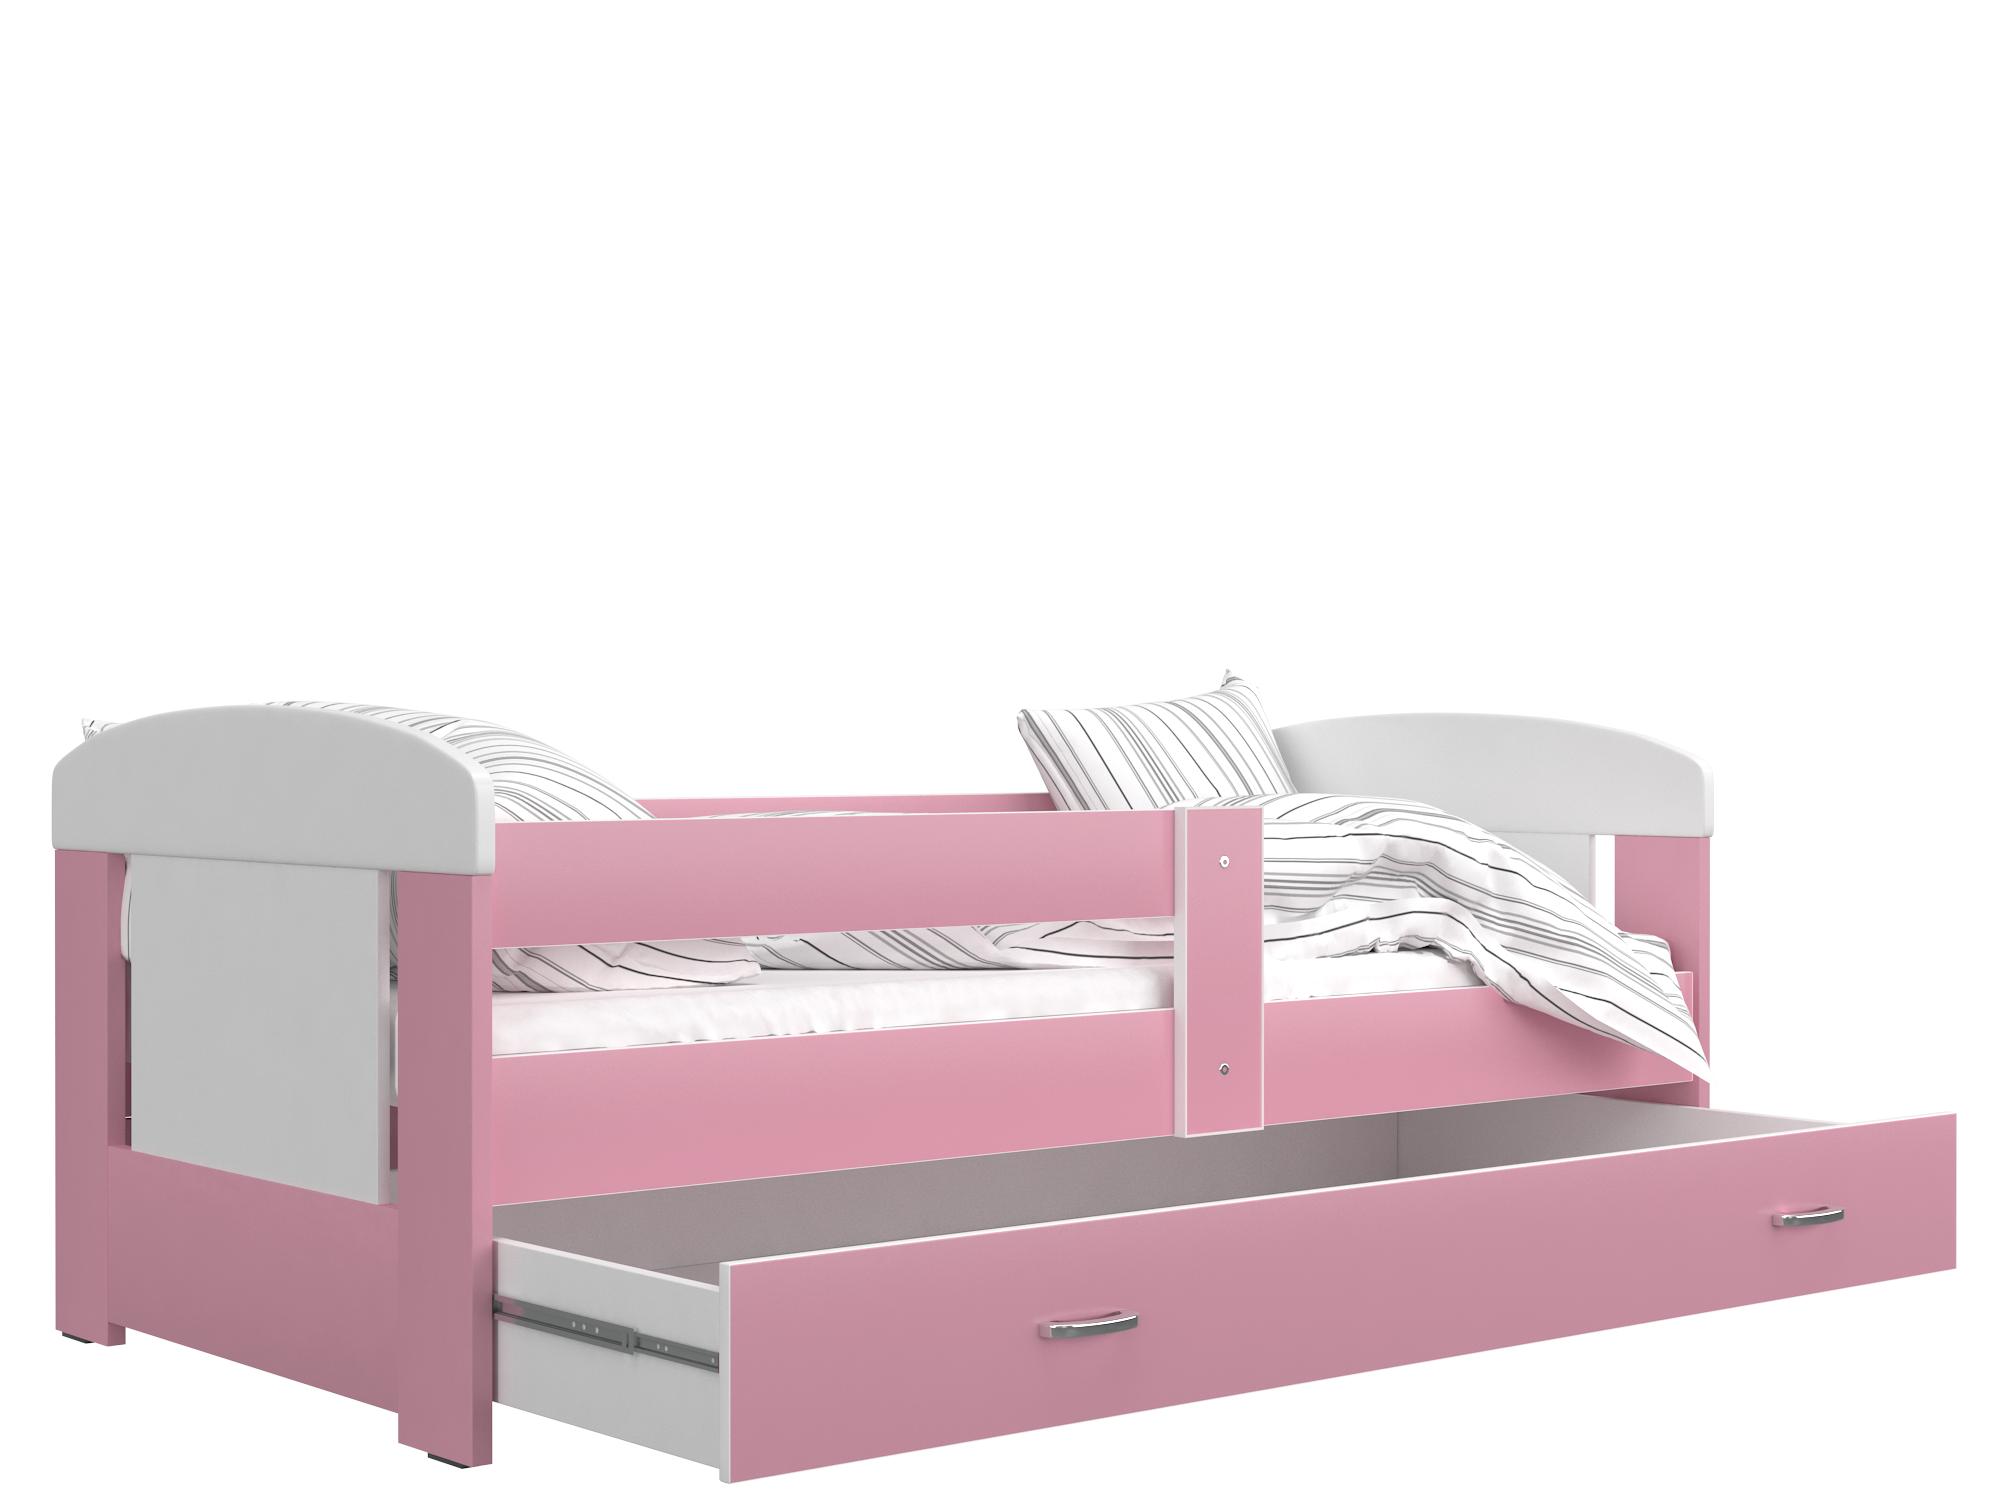 ArtAJ DETSKÁ POSTEĽ FILIP COLOR bez úložného priestoru Farba: biela / ružová